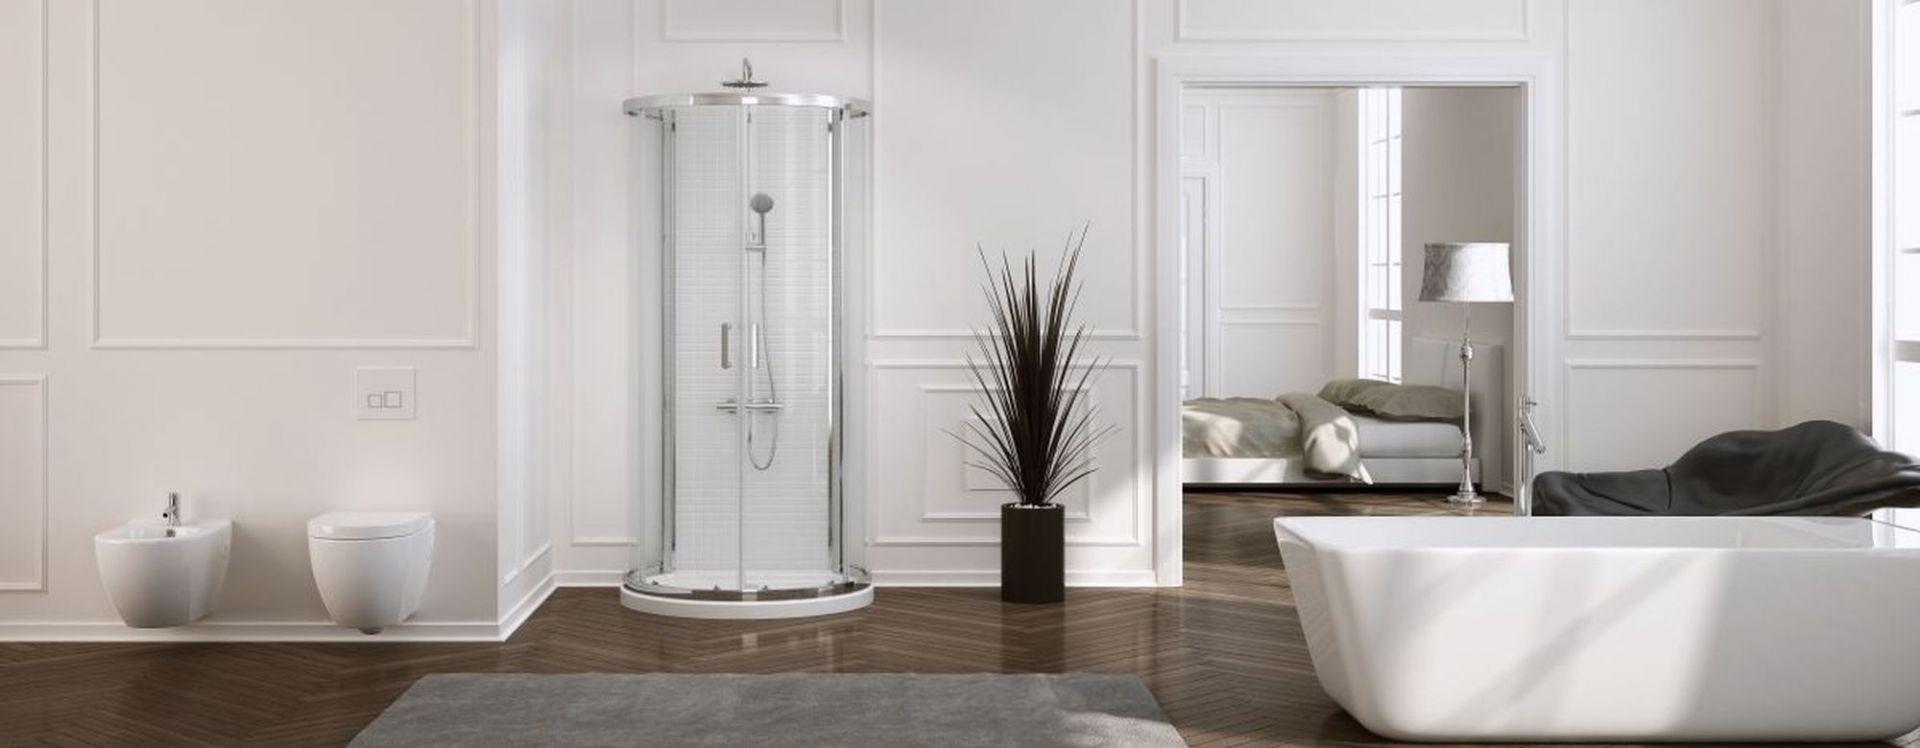 Aranżacja łazienki: New Rondo kabina przyścienna. Fot. New Trendy